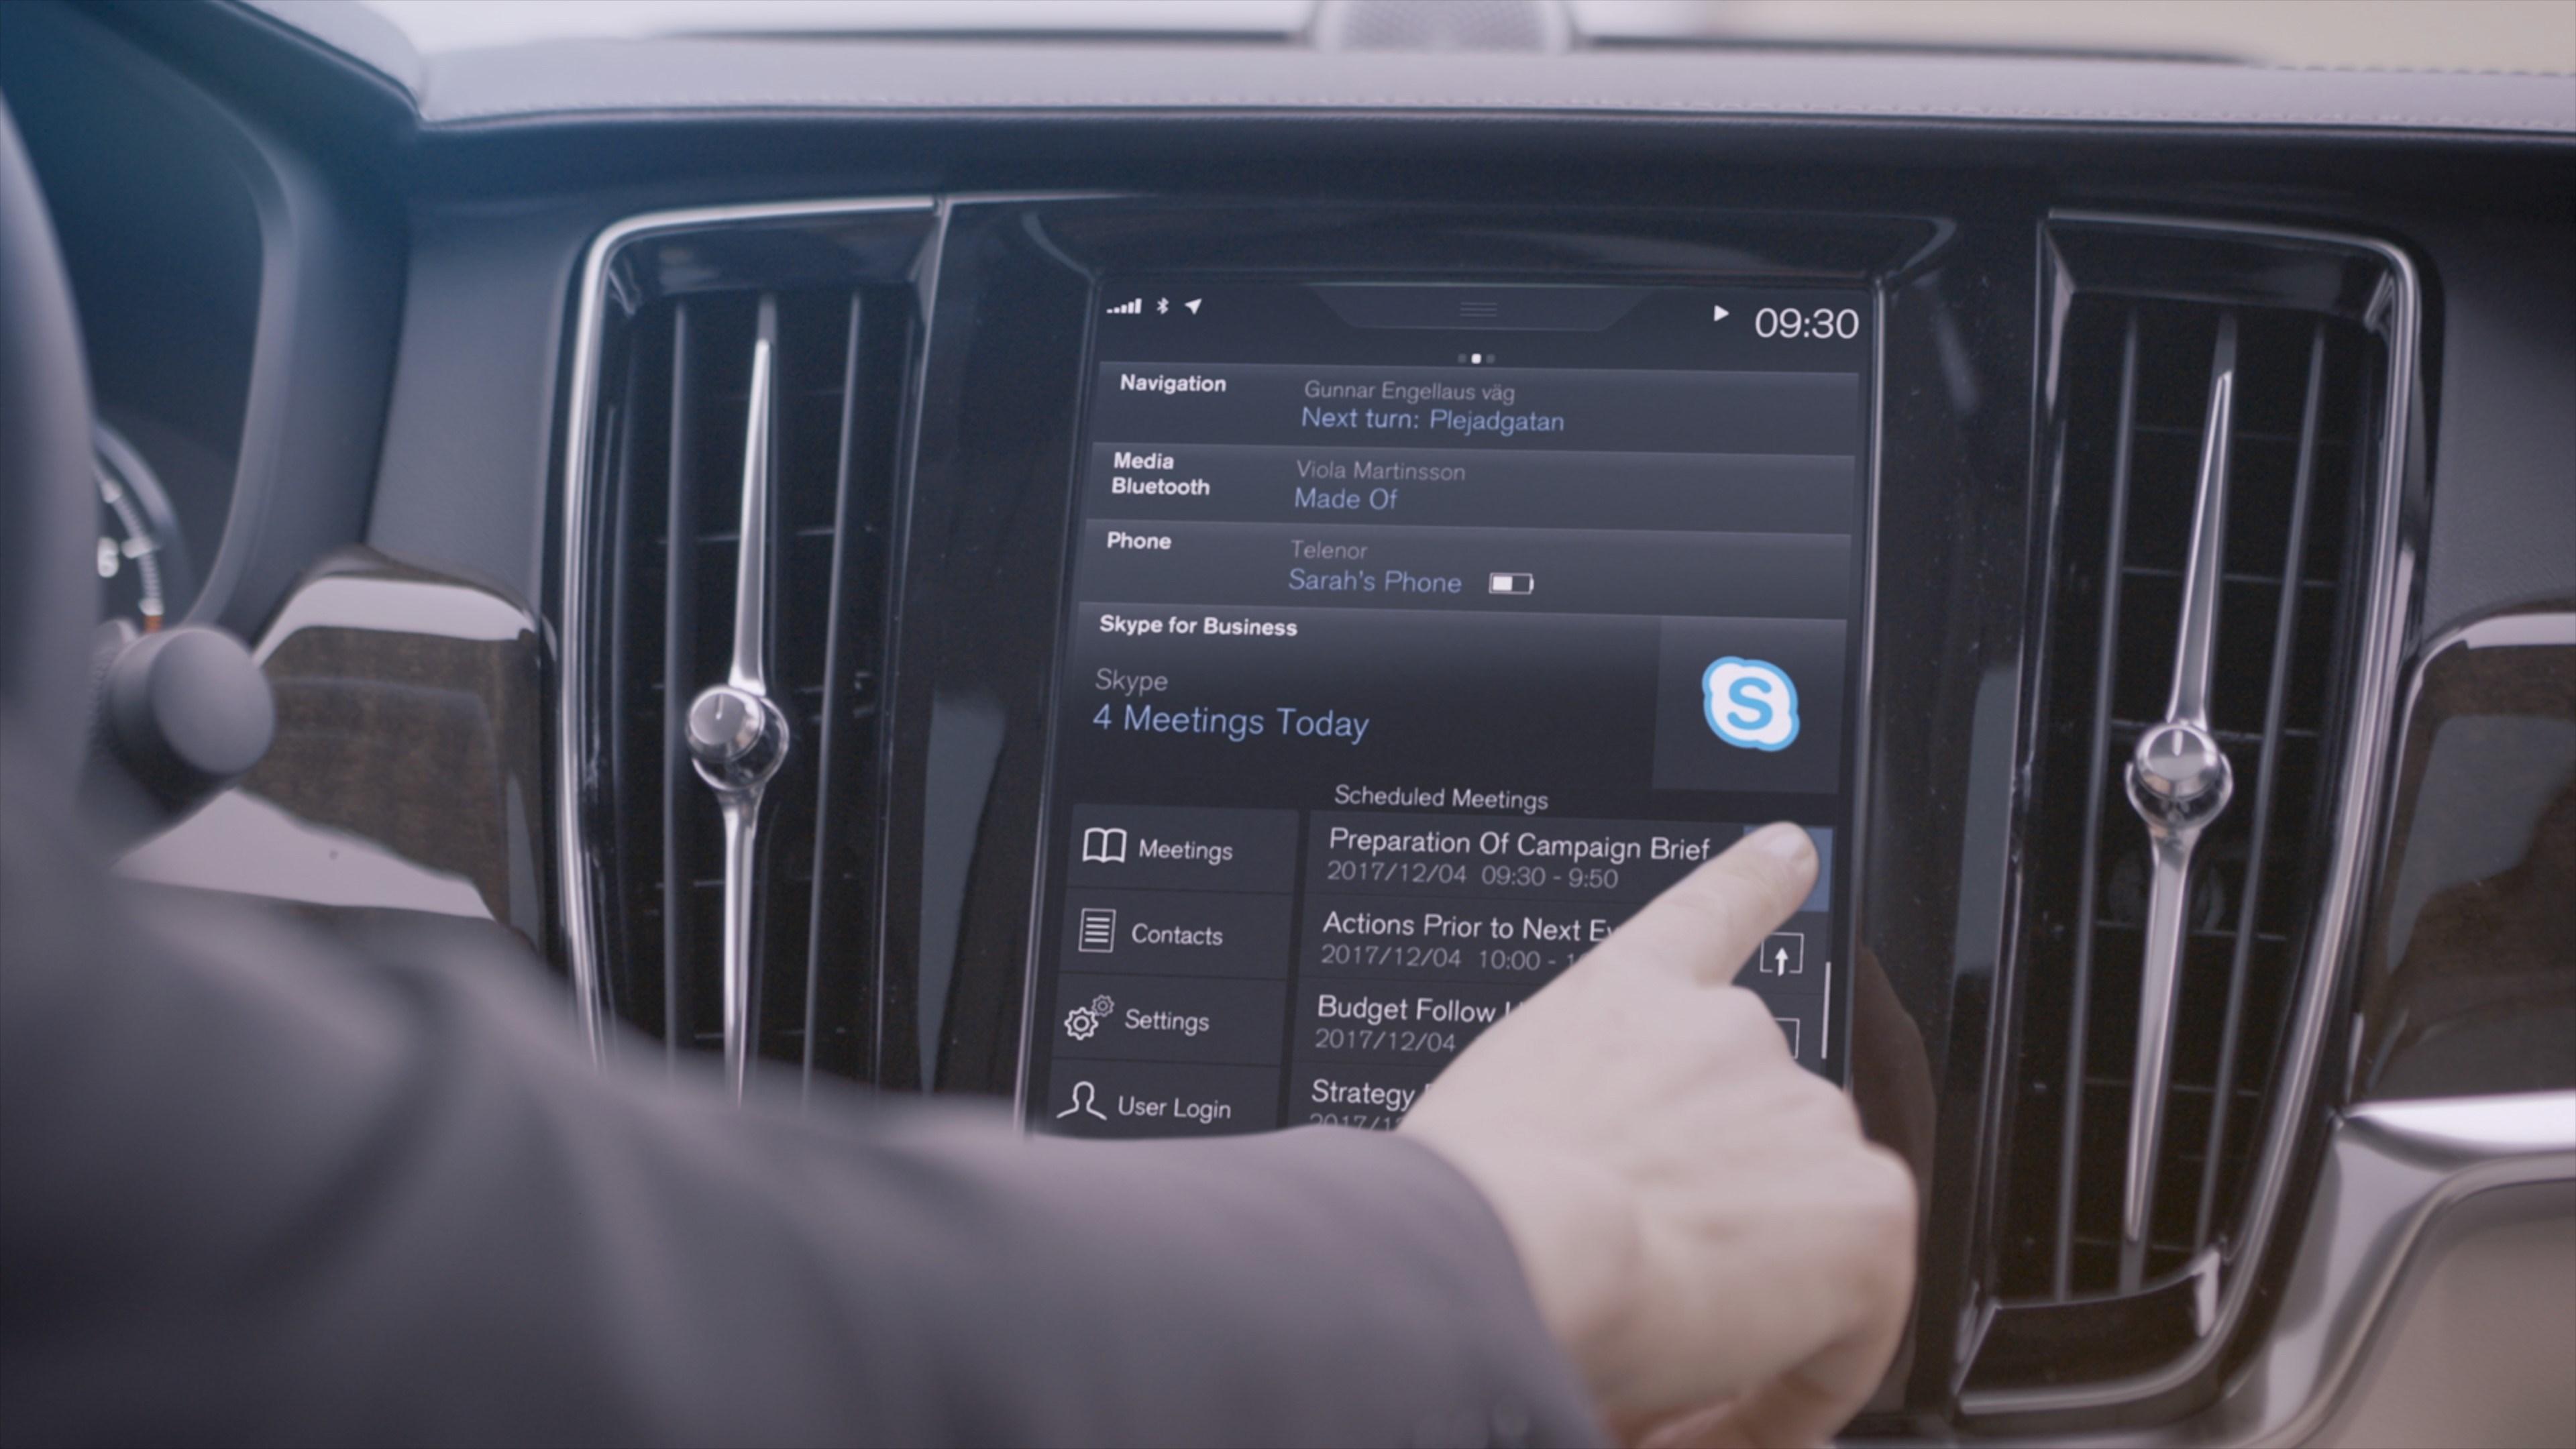 Volvo intègrera Skype Entreprise sur ses voitures haut de gamme